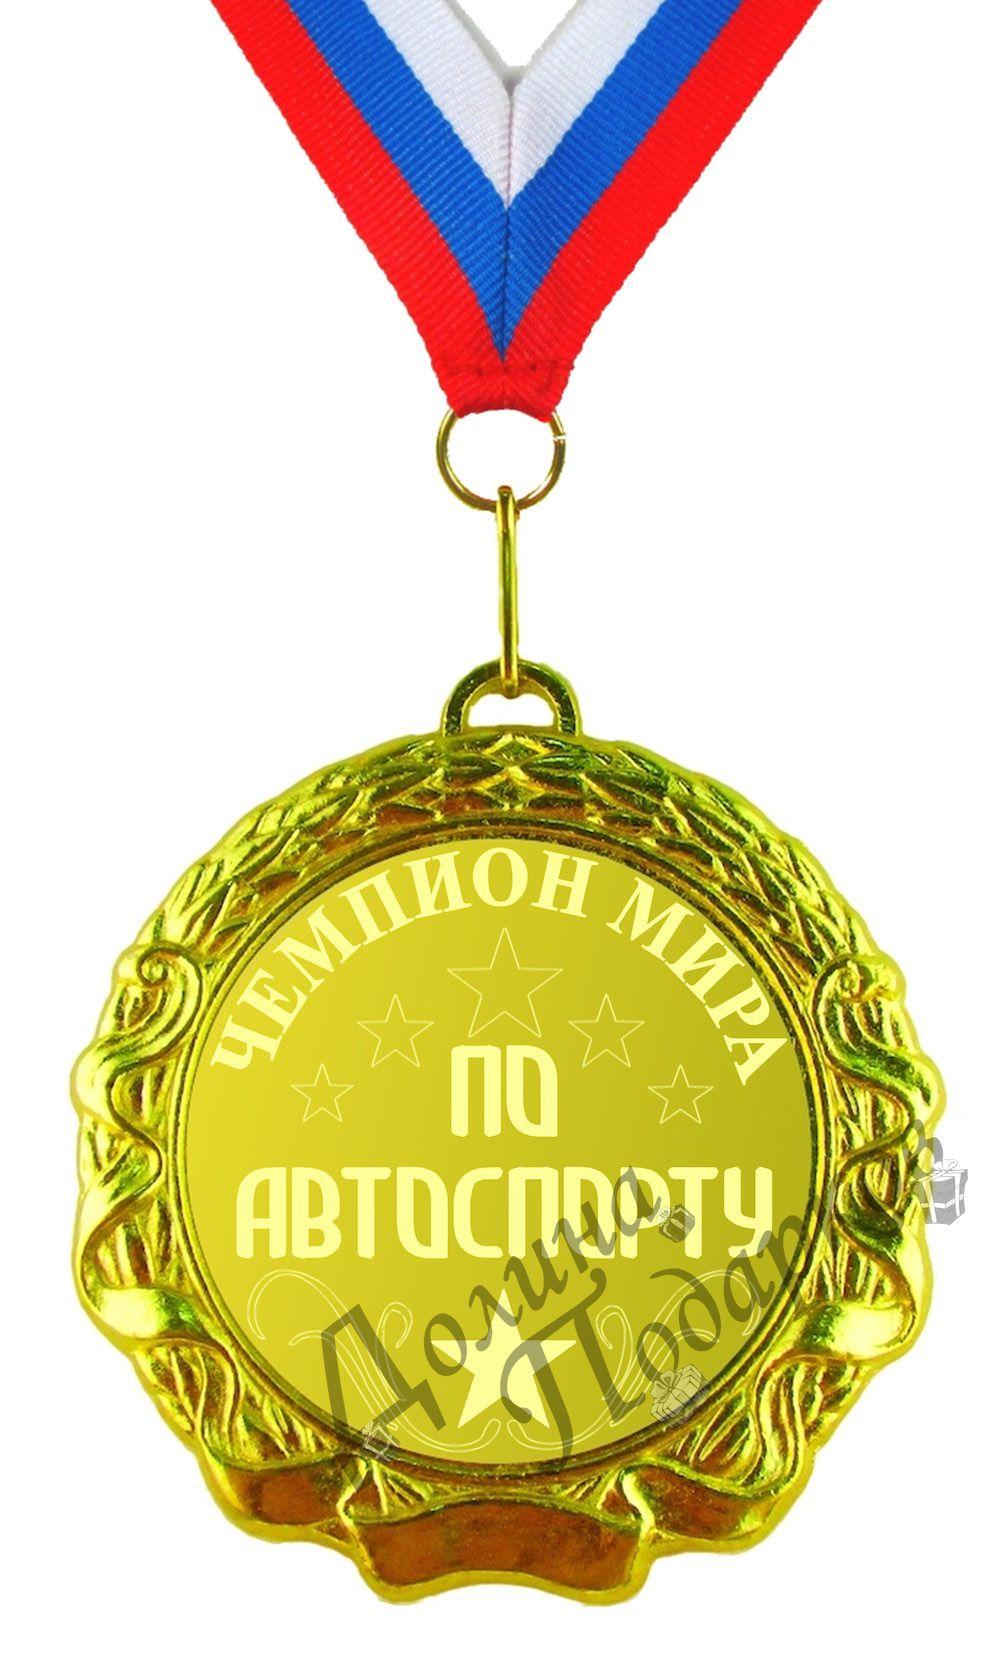 Купить Медаль *Чемпион мира по автоспорту* в интернет-магазине подарков. Огромный выбор необычных подарков и сувениров широкого ценового диапазона!